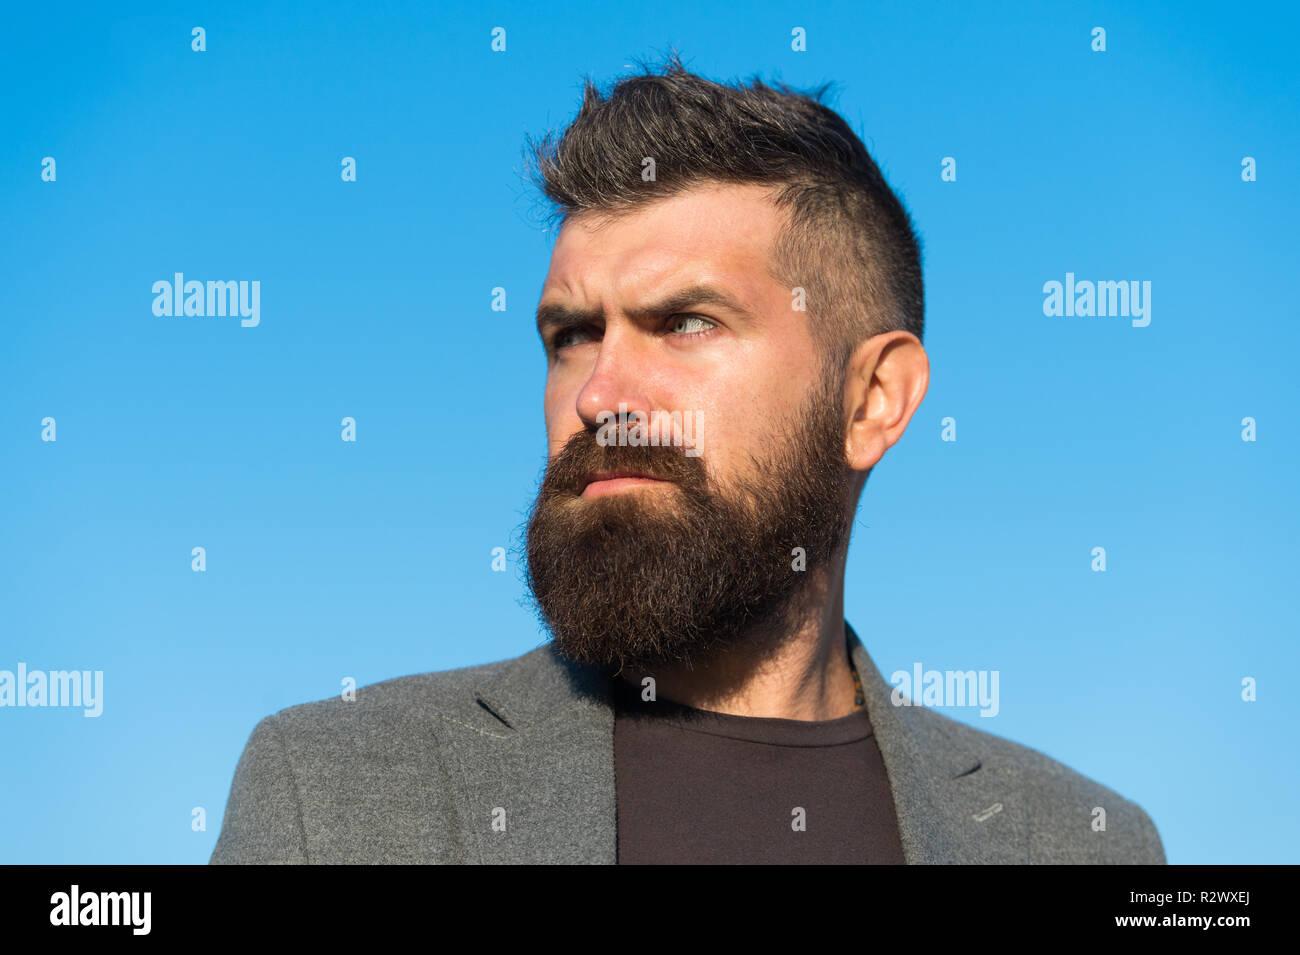 Hipster Apparence La Mode De La Barbe Et Coiffure Concept L Homme Elegant Manteau A La